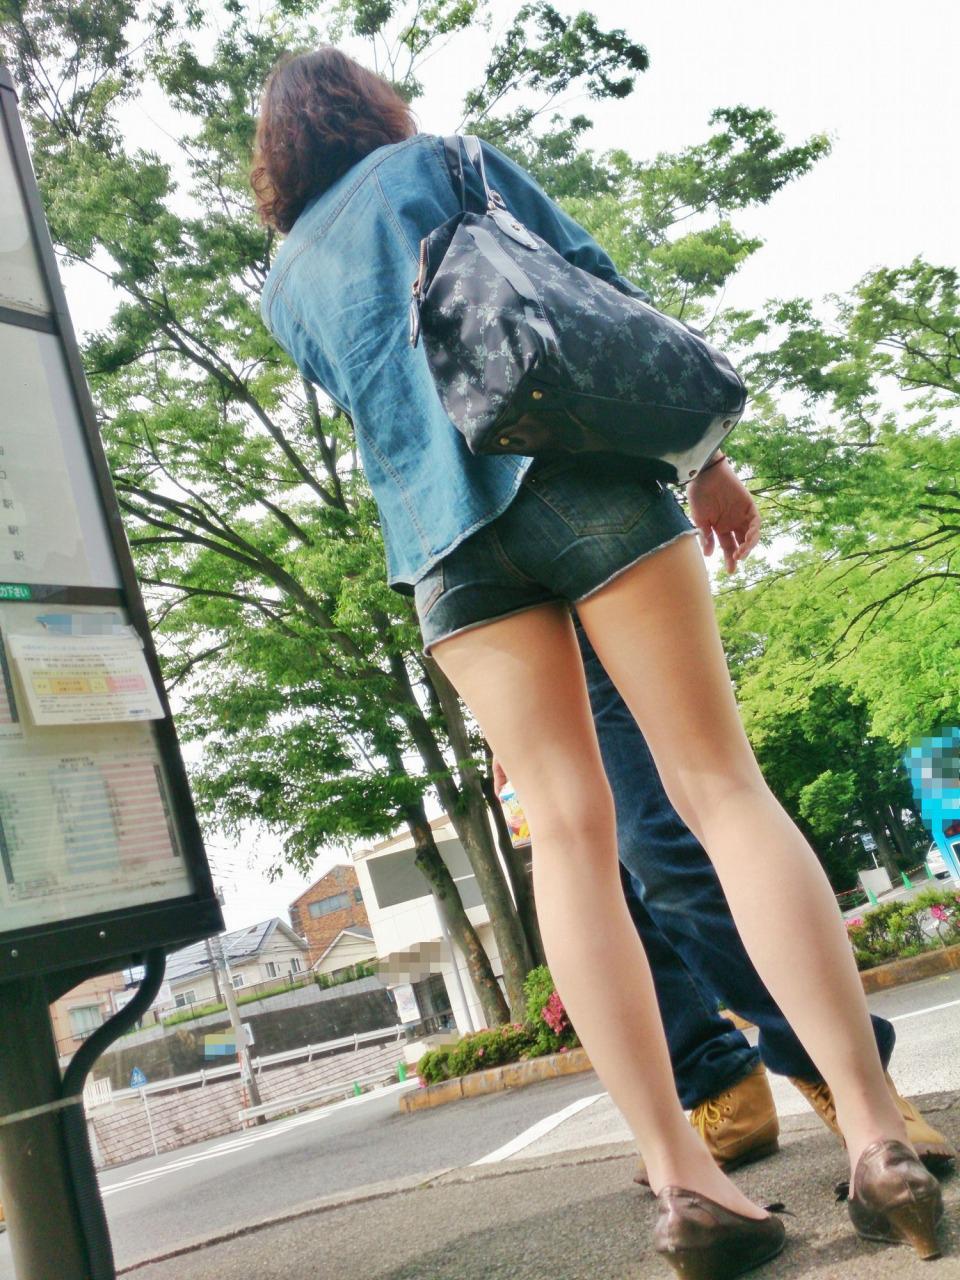 【ショーパンエロ画像】丸出しの脚と見えそうな尻にジュルリ…そそる街角ショーパンギャルwww 04